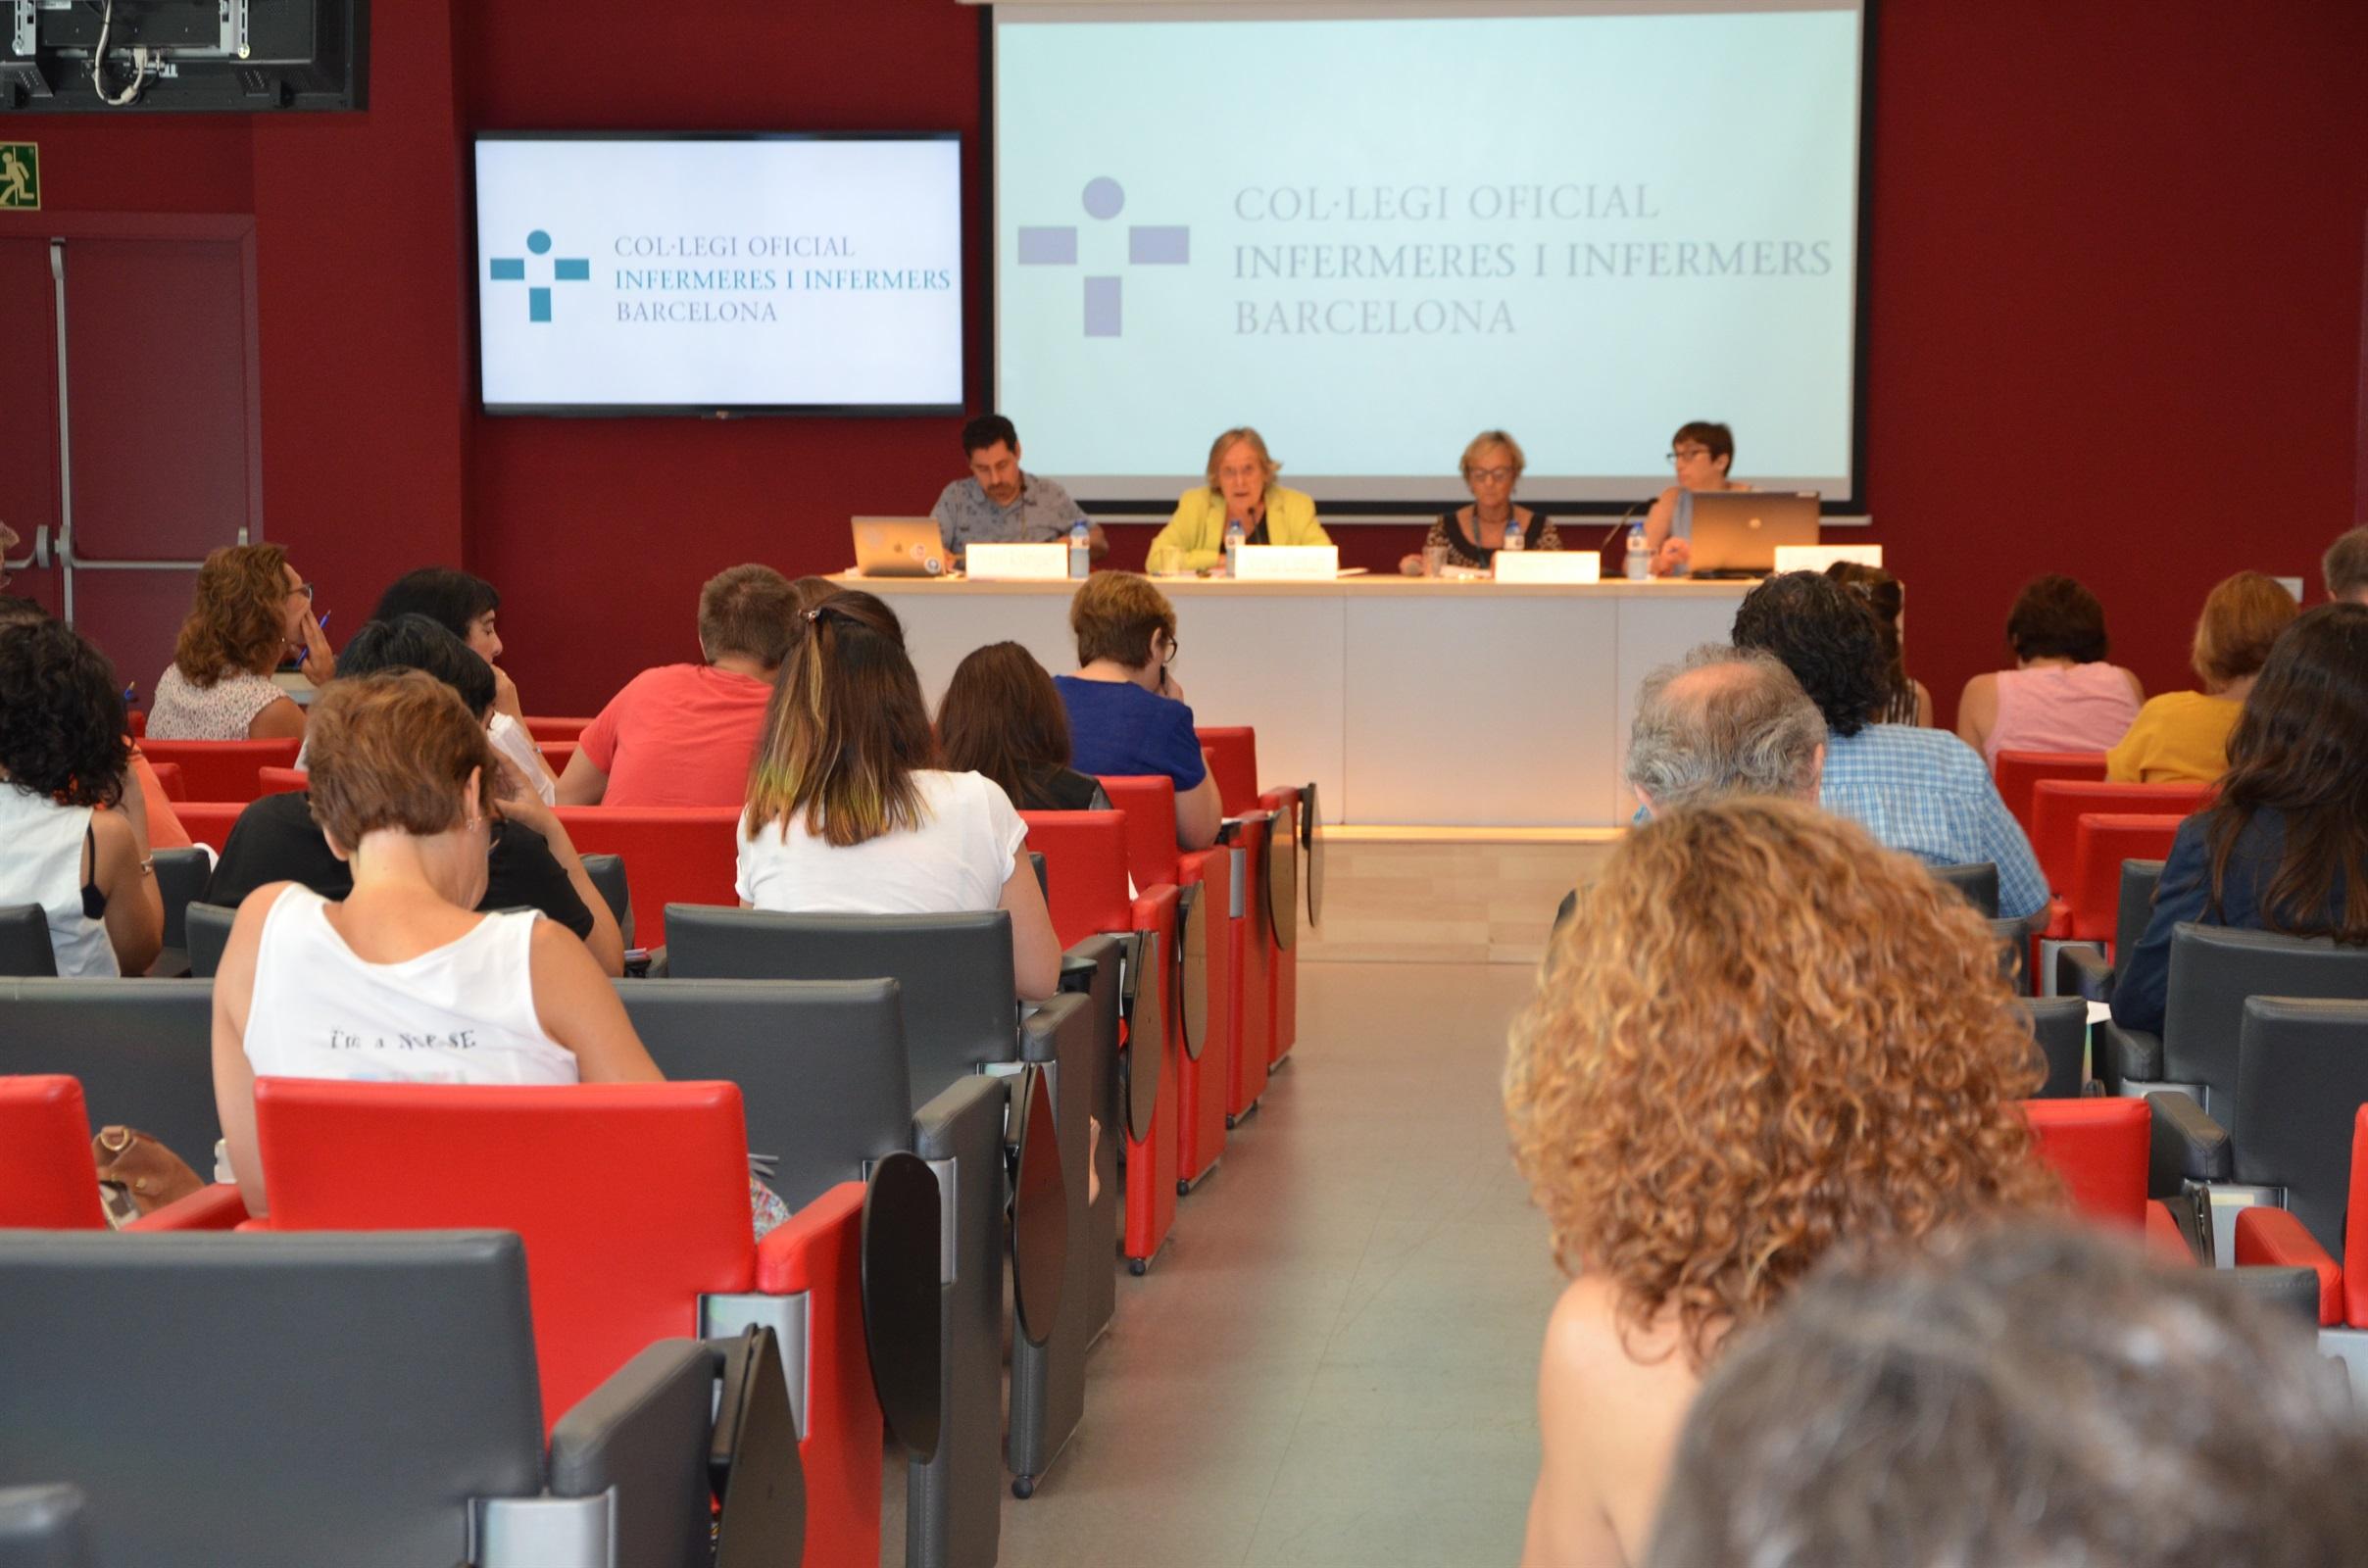 Les infermeres de Barcelona consensuen les directrius de les actuacions infermeres en l'atenció a urgències i emergències prehospitalàries